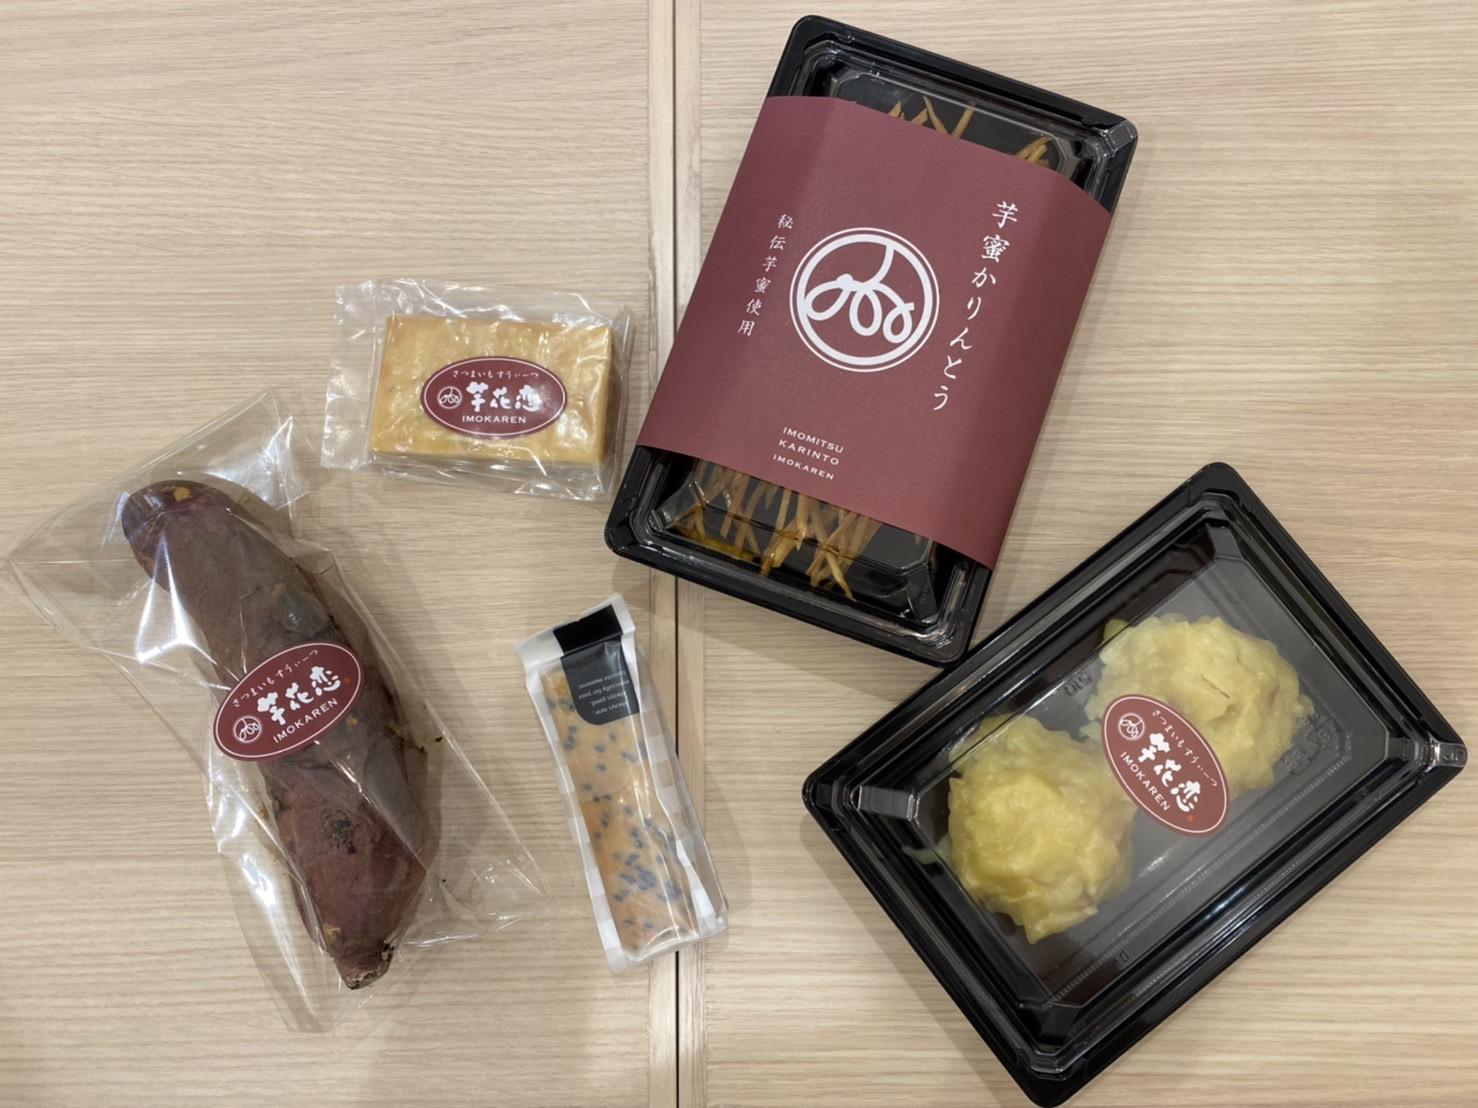 栄|素材にこだわり、秘伝の〇〇を使用した芋スイーツがいただける芋菓子専門店